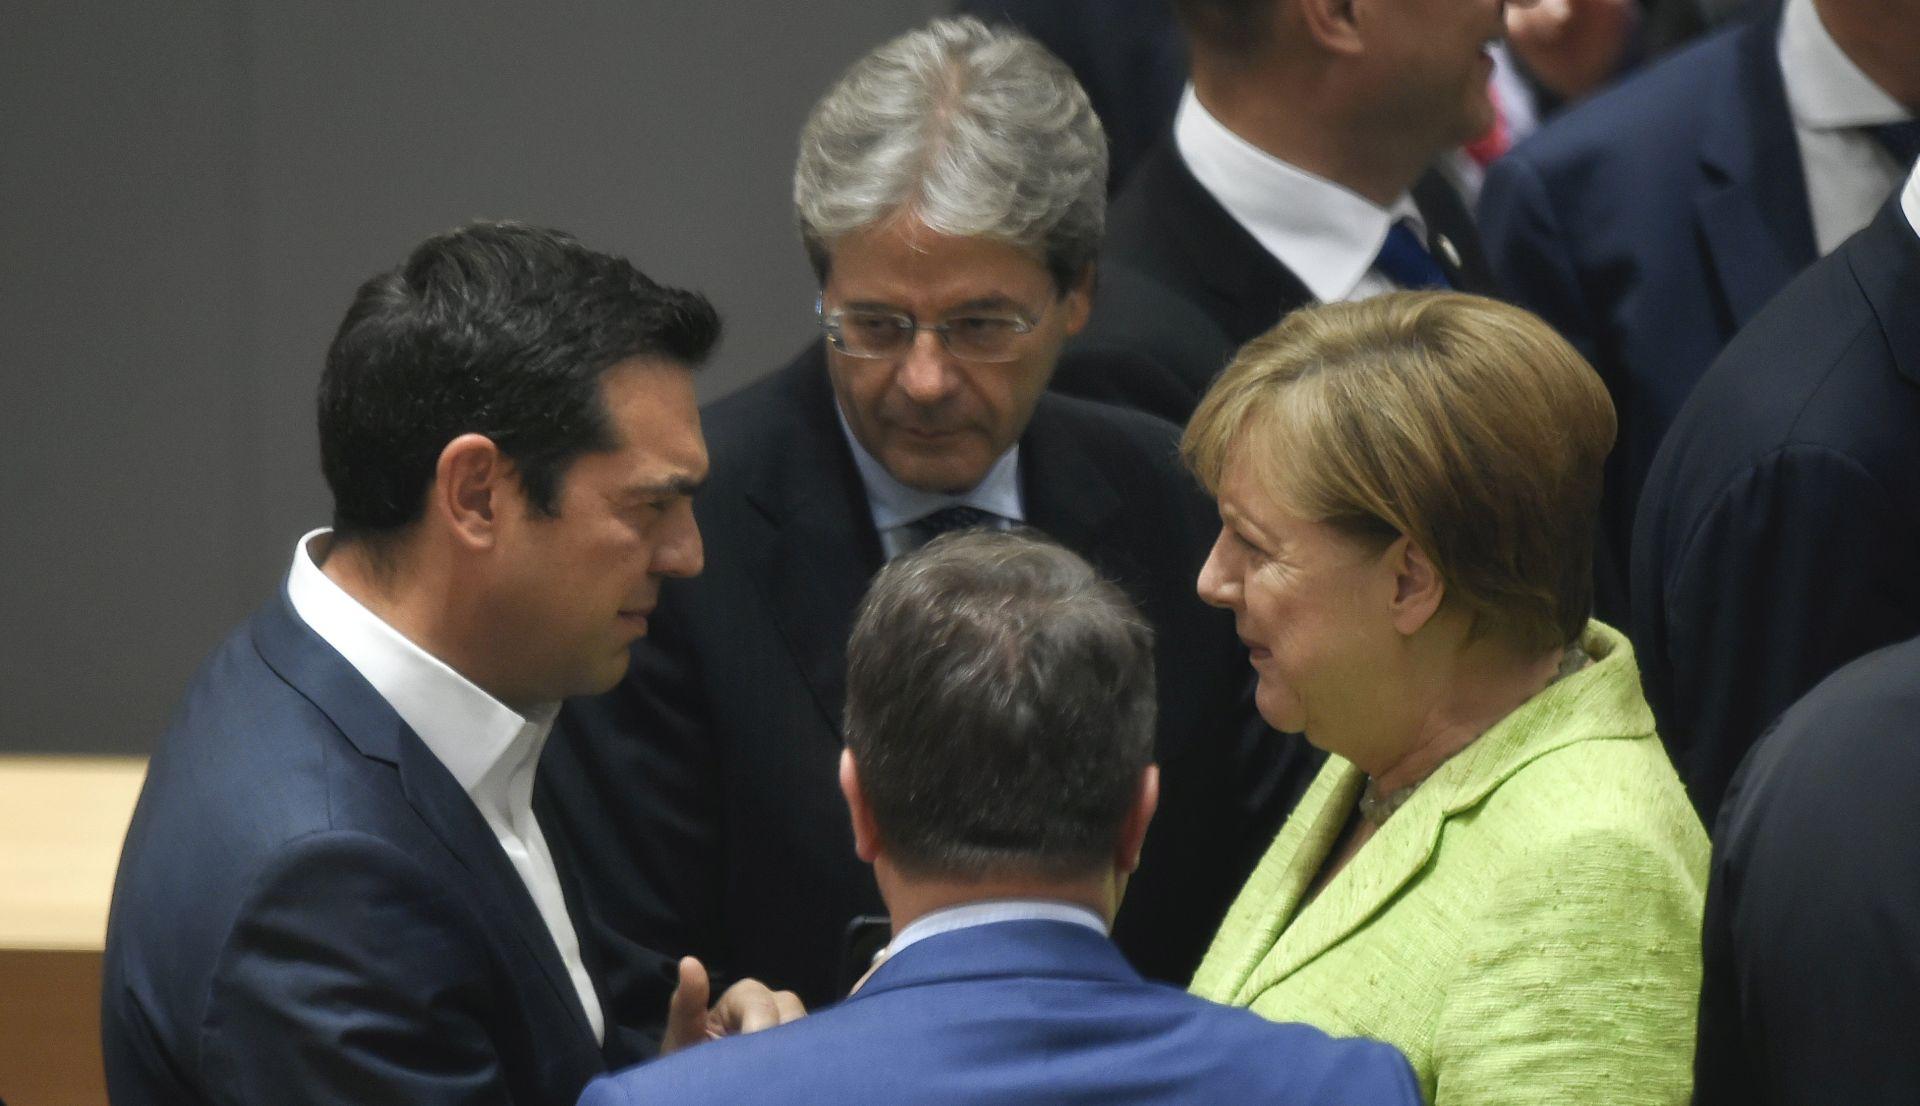 """Merkel smatra ponudu Therese May """"dobrim početkom"""", no mnoga pitanja ostaju"""